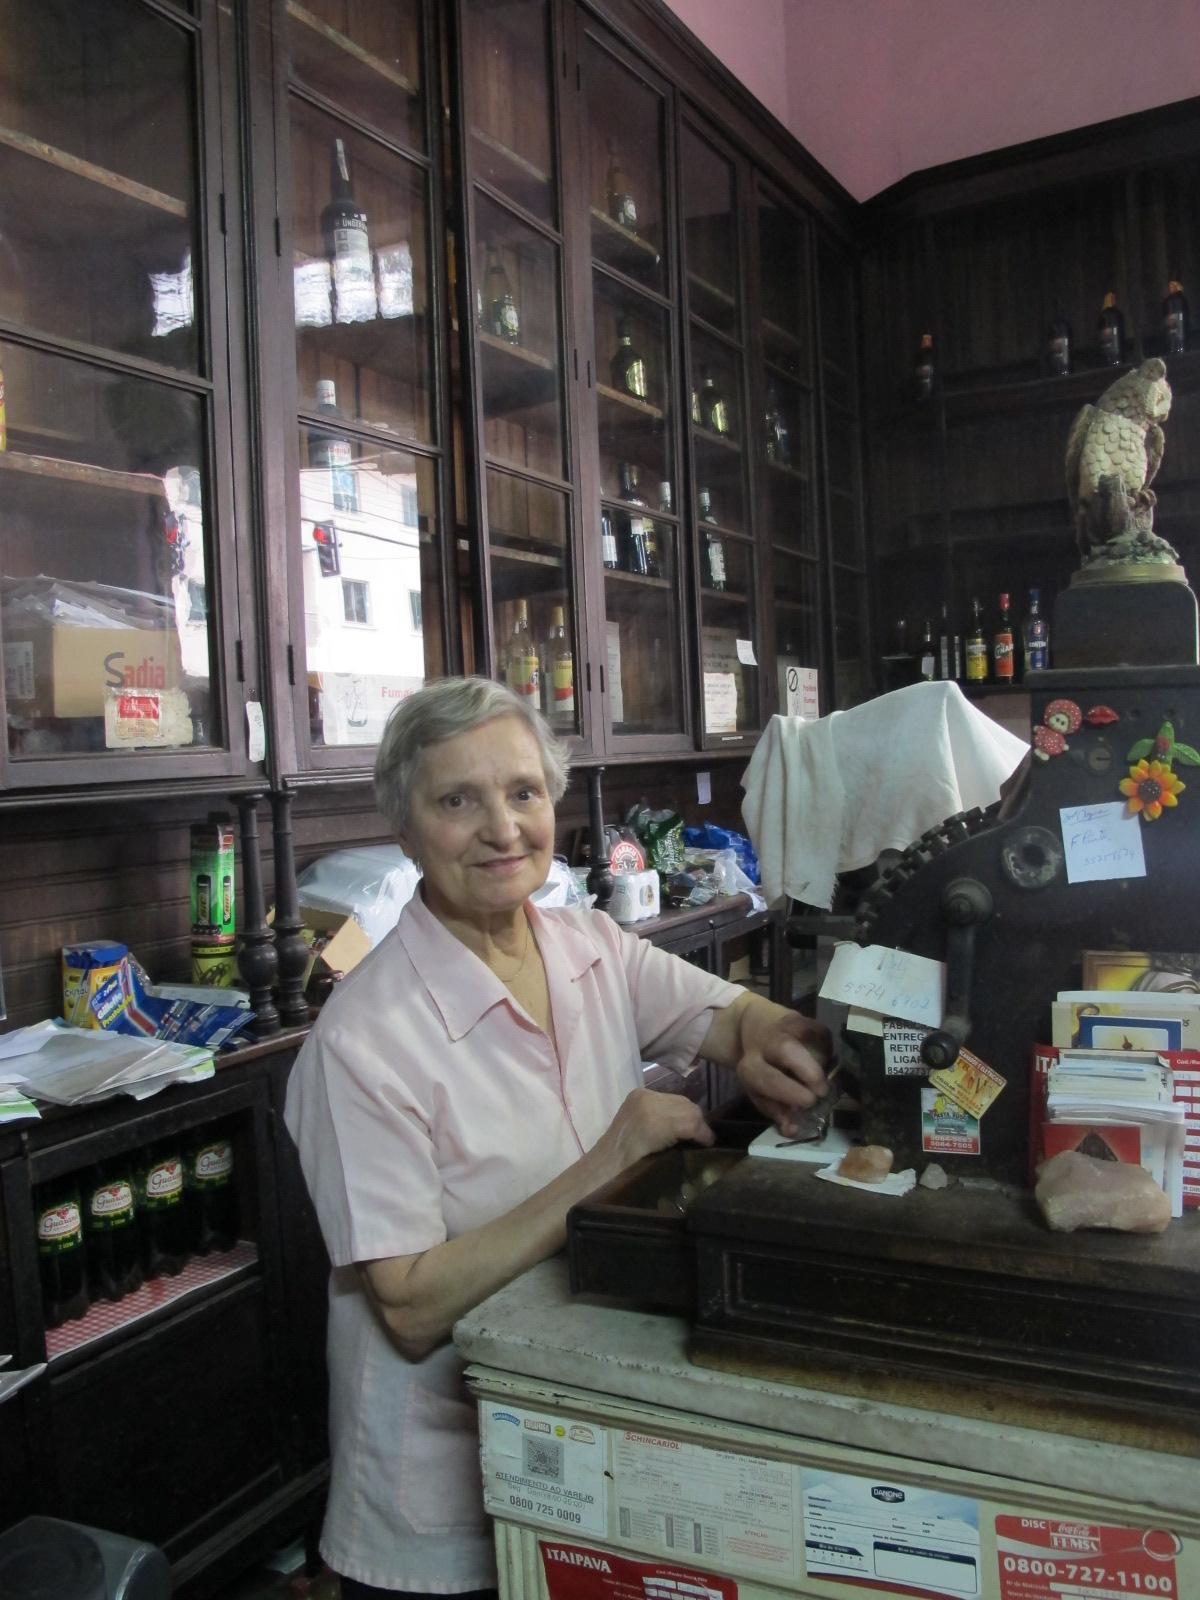 Dona Preciosa cuida de empório desde 1966 (Foto: Márcio Pinho/G1)